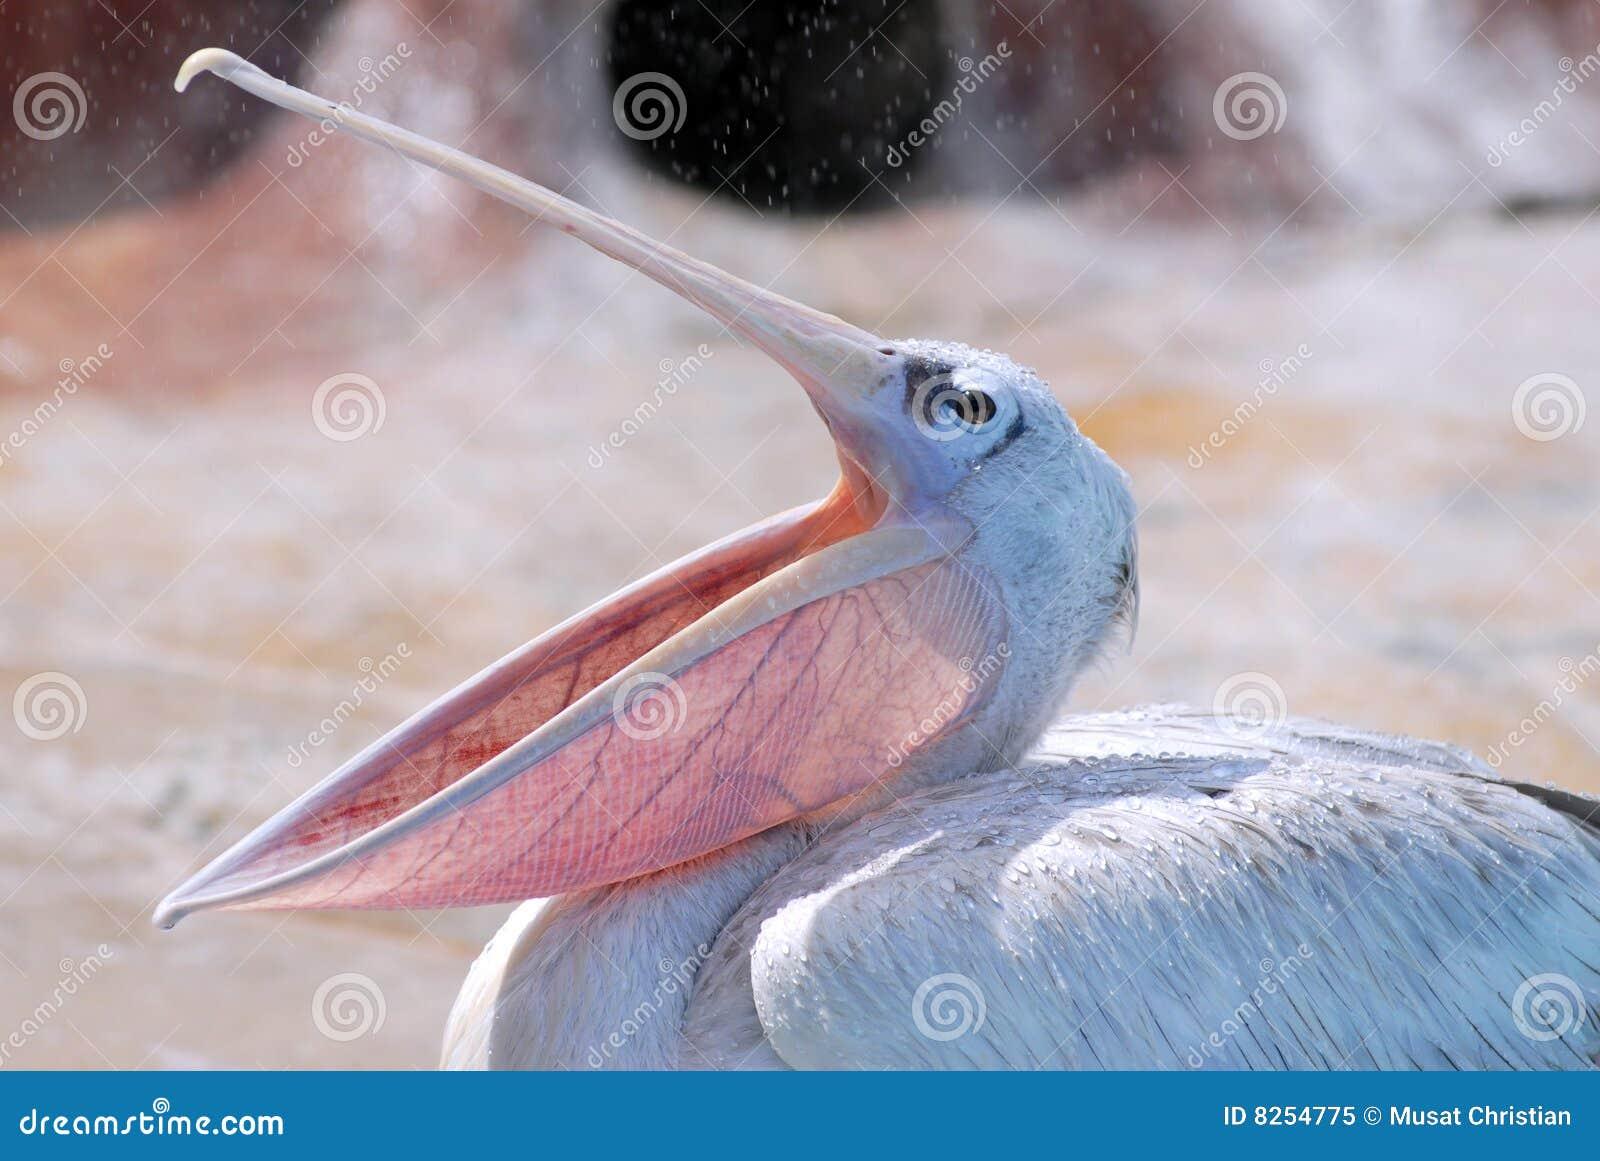 Pelican with the open beak